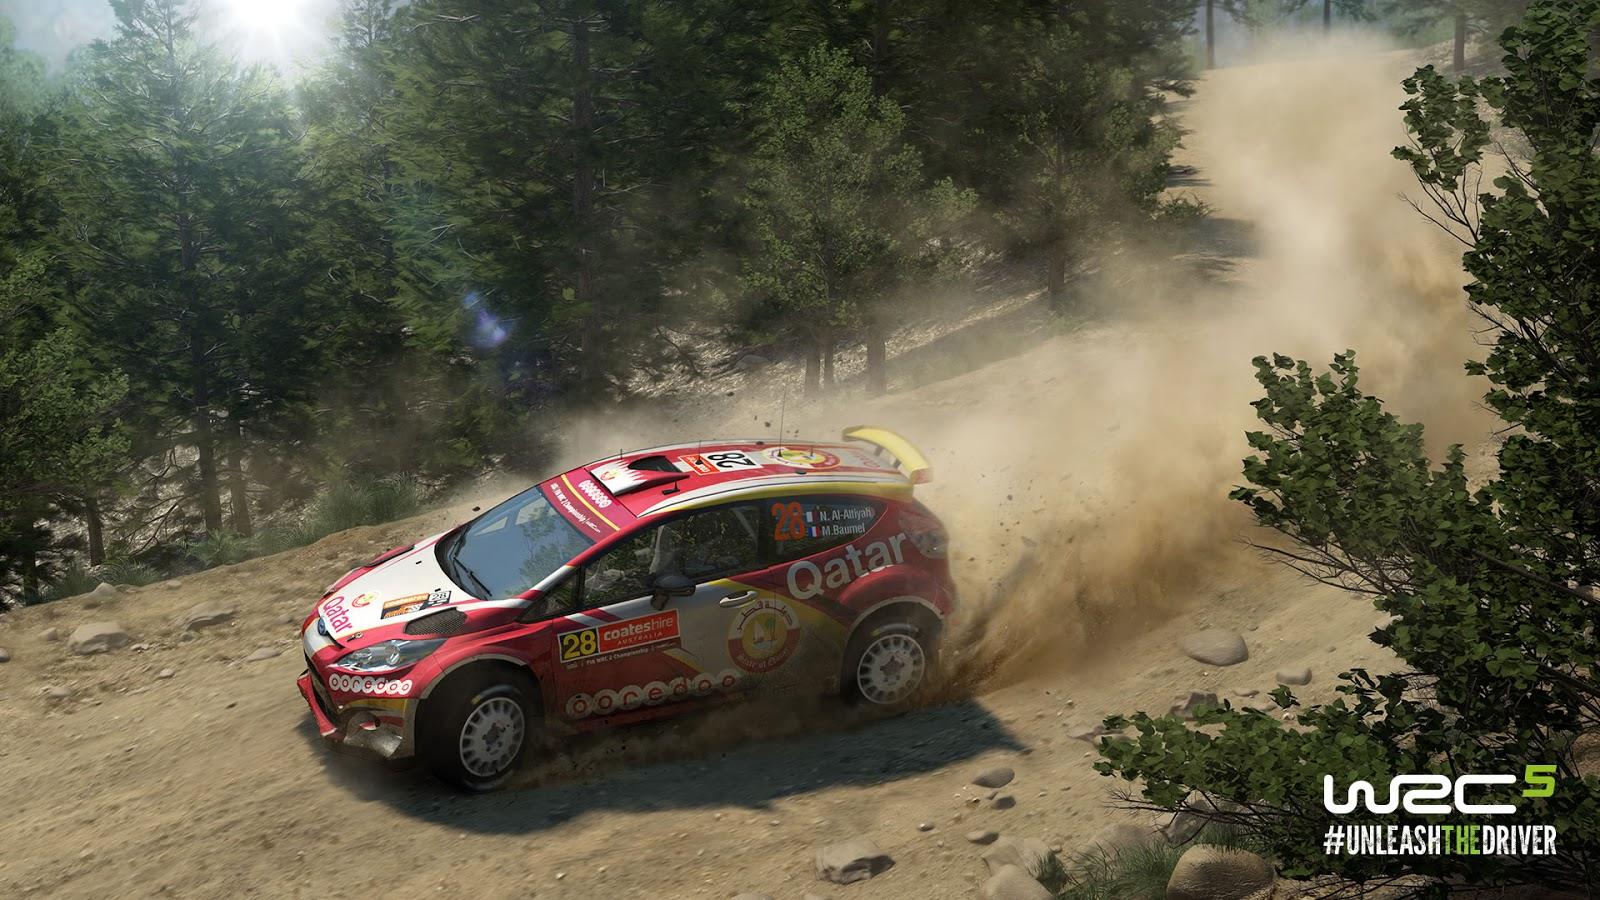 Al Attiyah Australie HD wallpaper 1920x1080 1 Ο νικητής του eSports WRC θα κερδίσει ένα αυτοκίνητο Hyundai i20! Game, Hyundai, Τεχνολογία